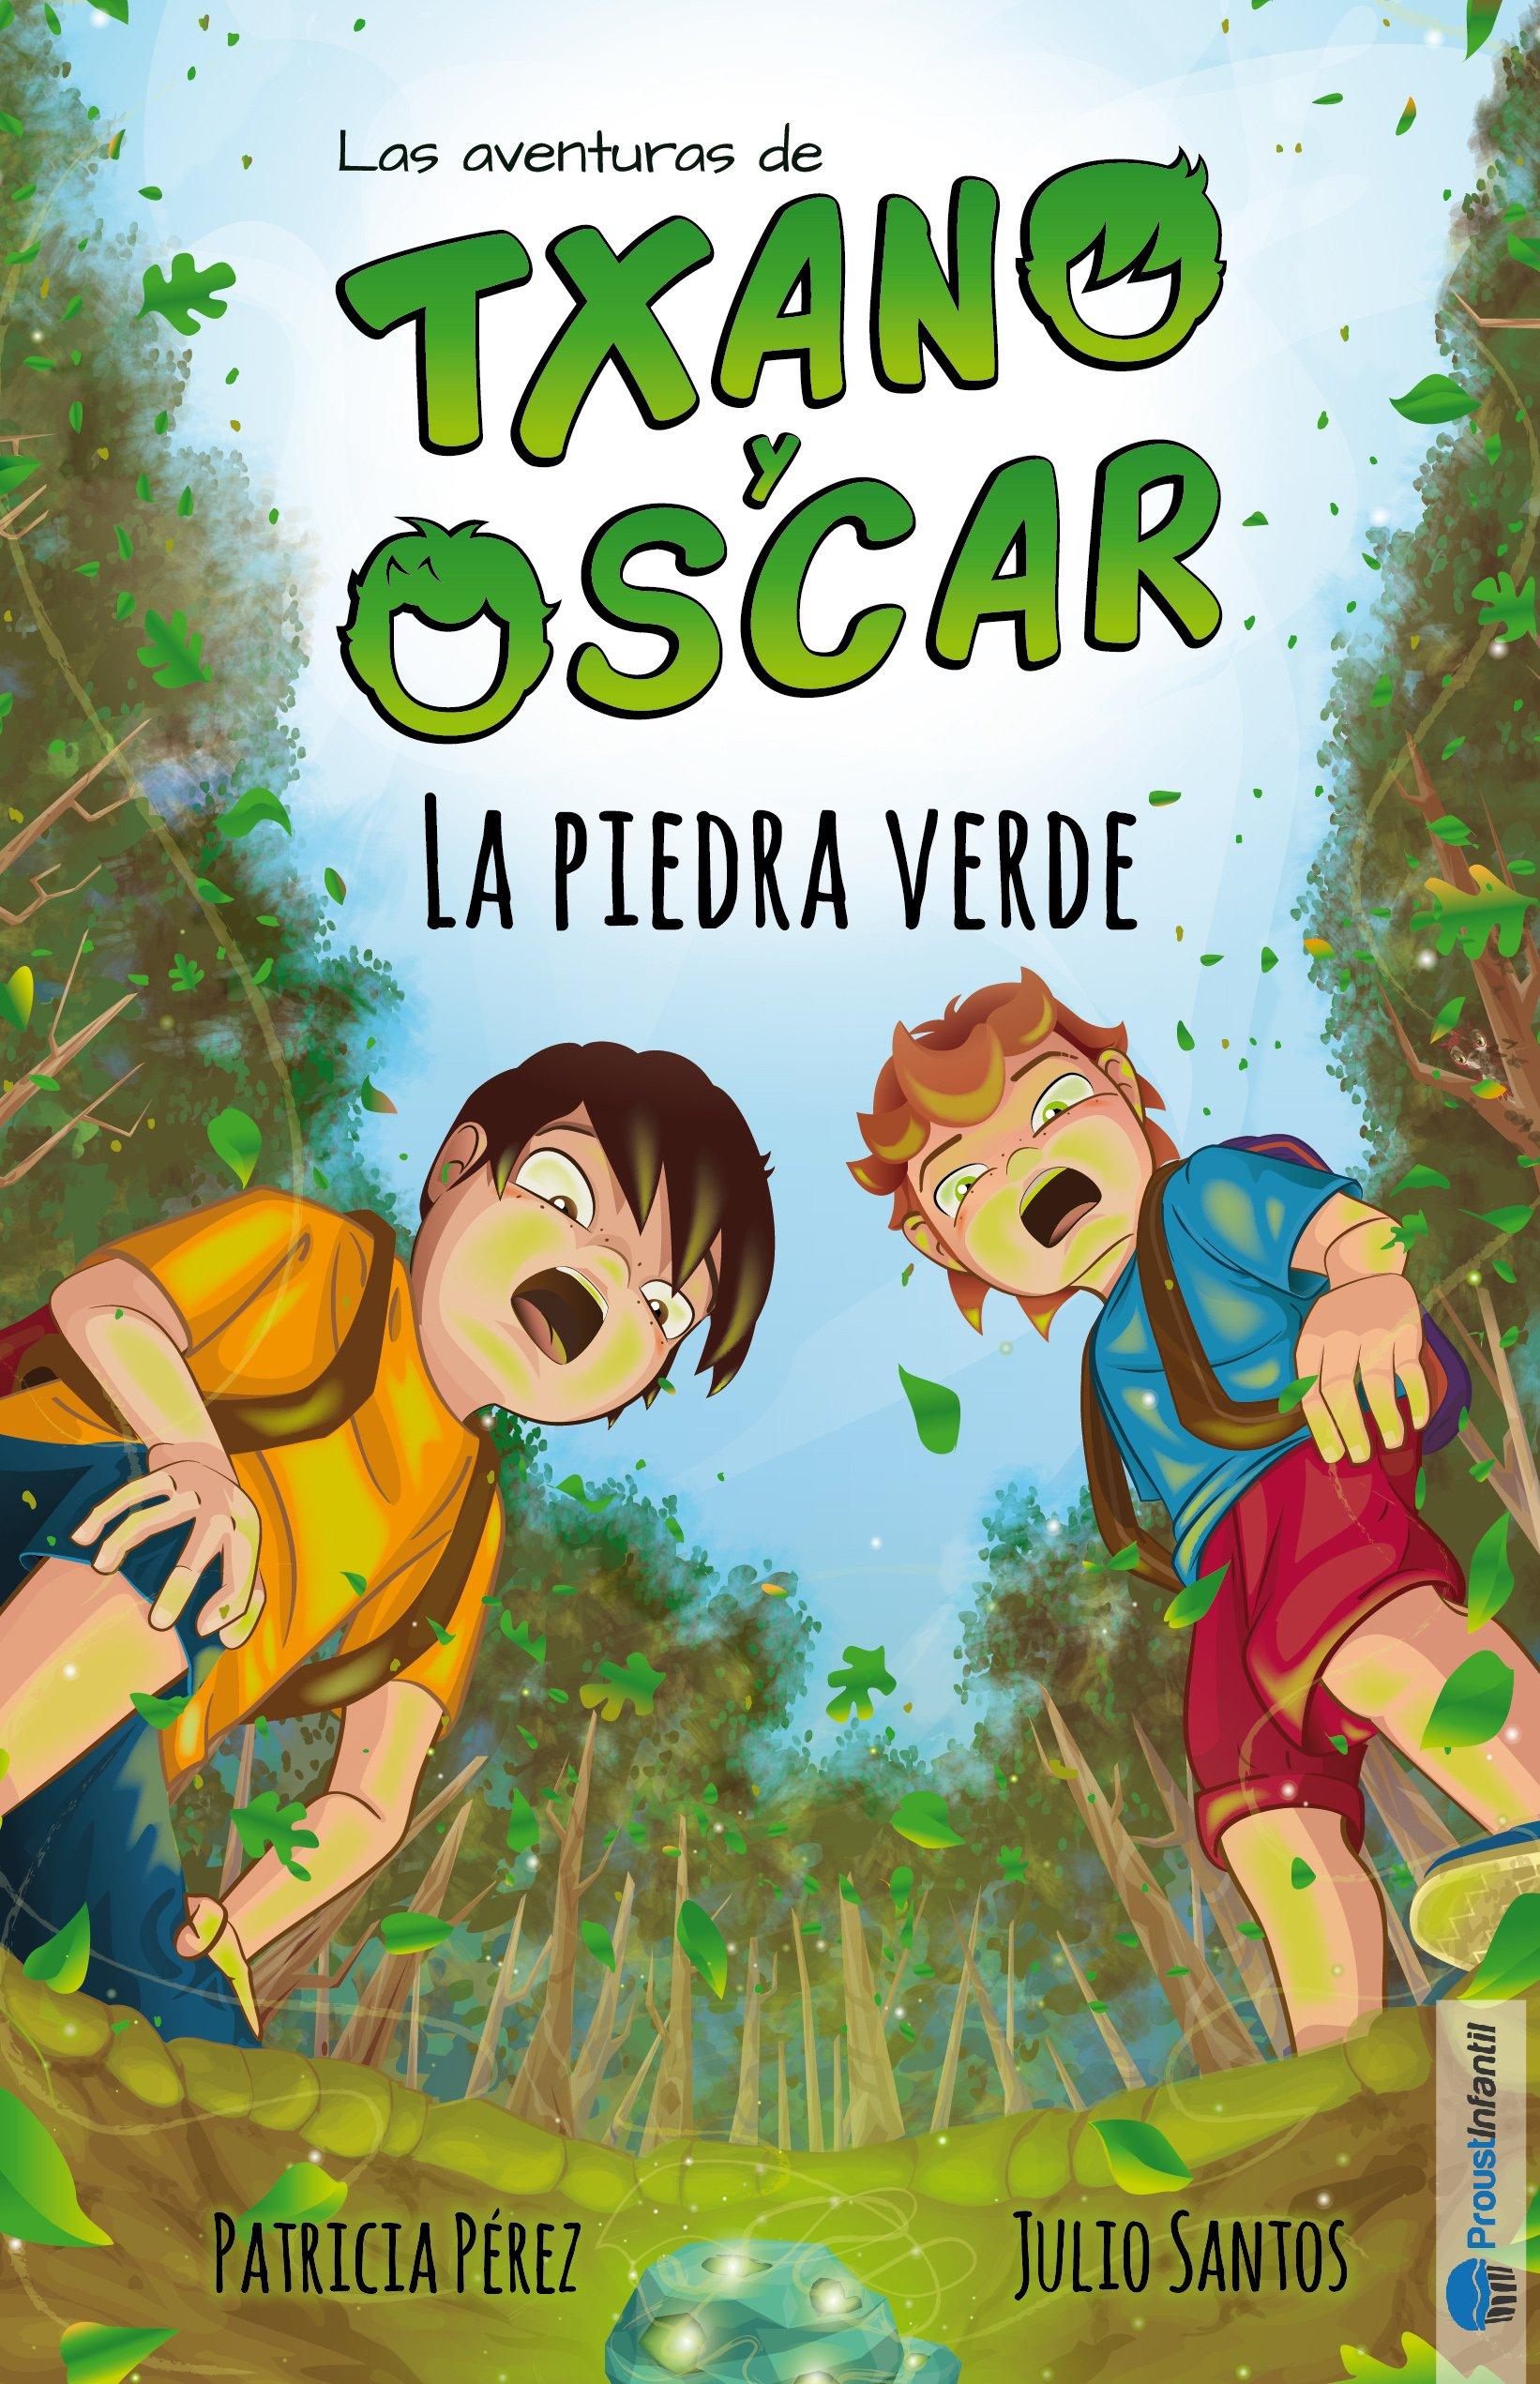 La piedra verde: Amazon.es: Julio Santos García, Patricia Pérez Redondo:  Libros